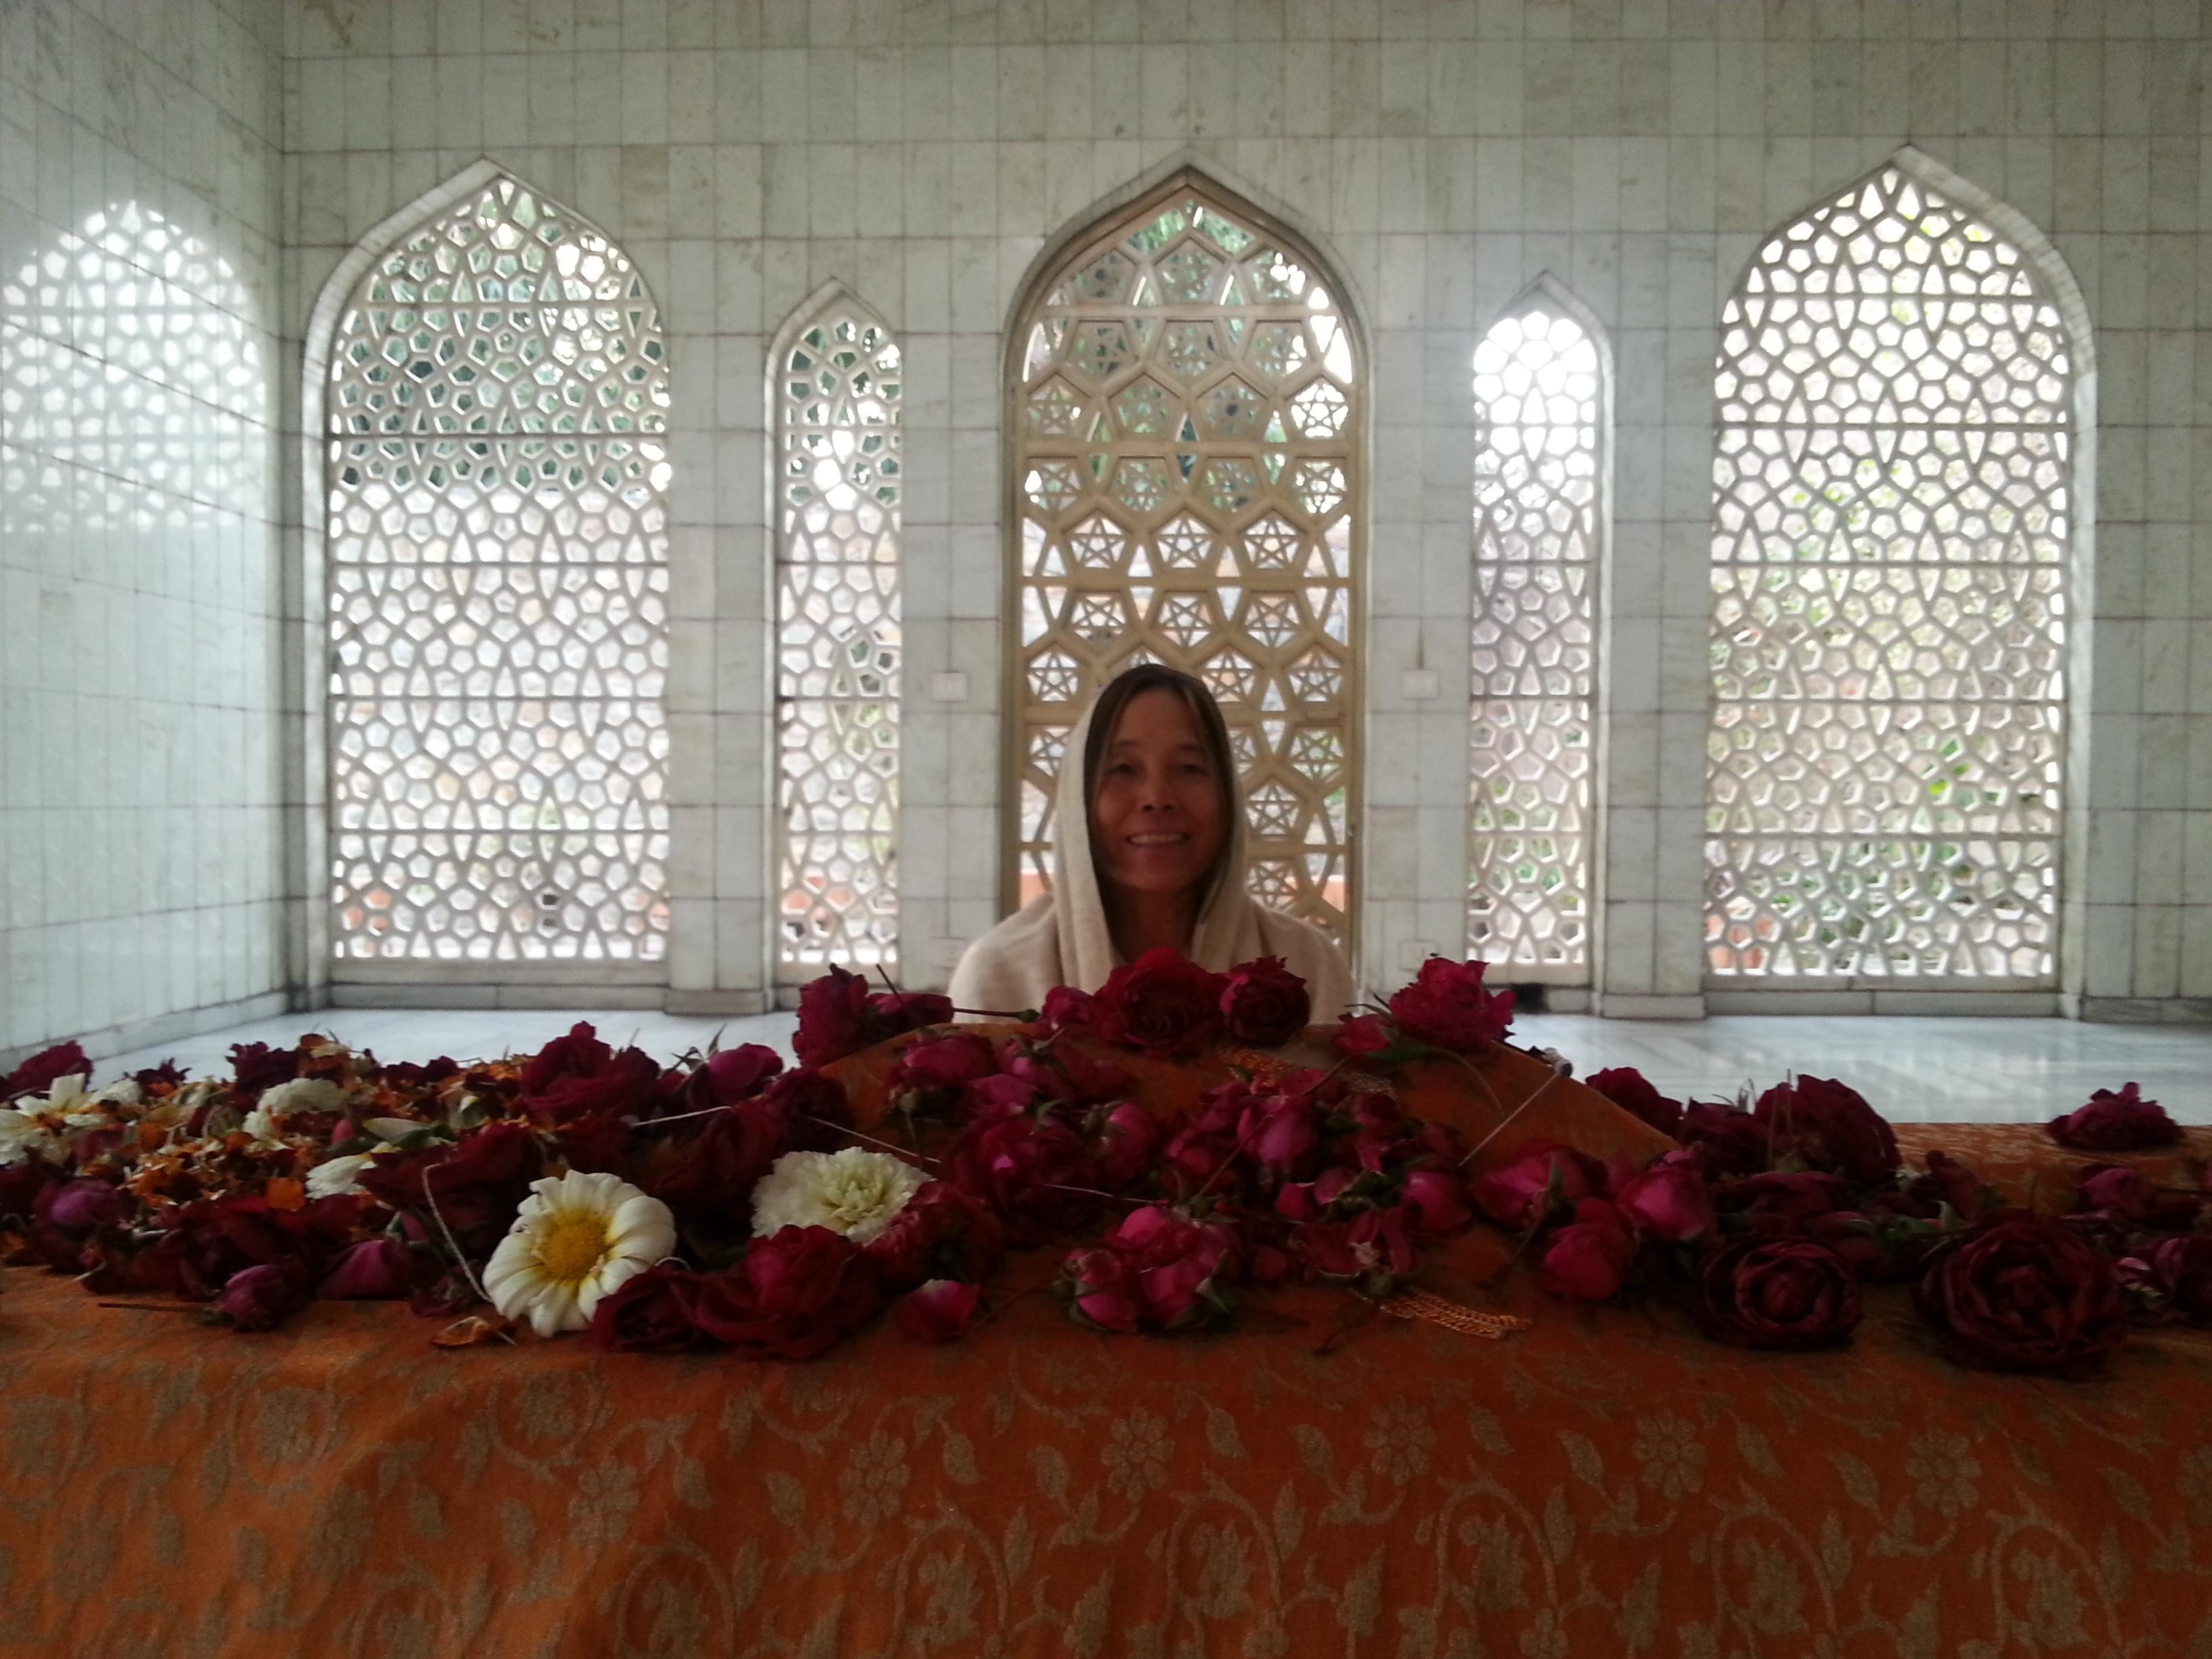 Murshid dargah